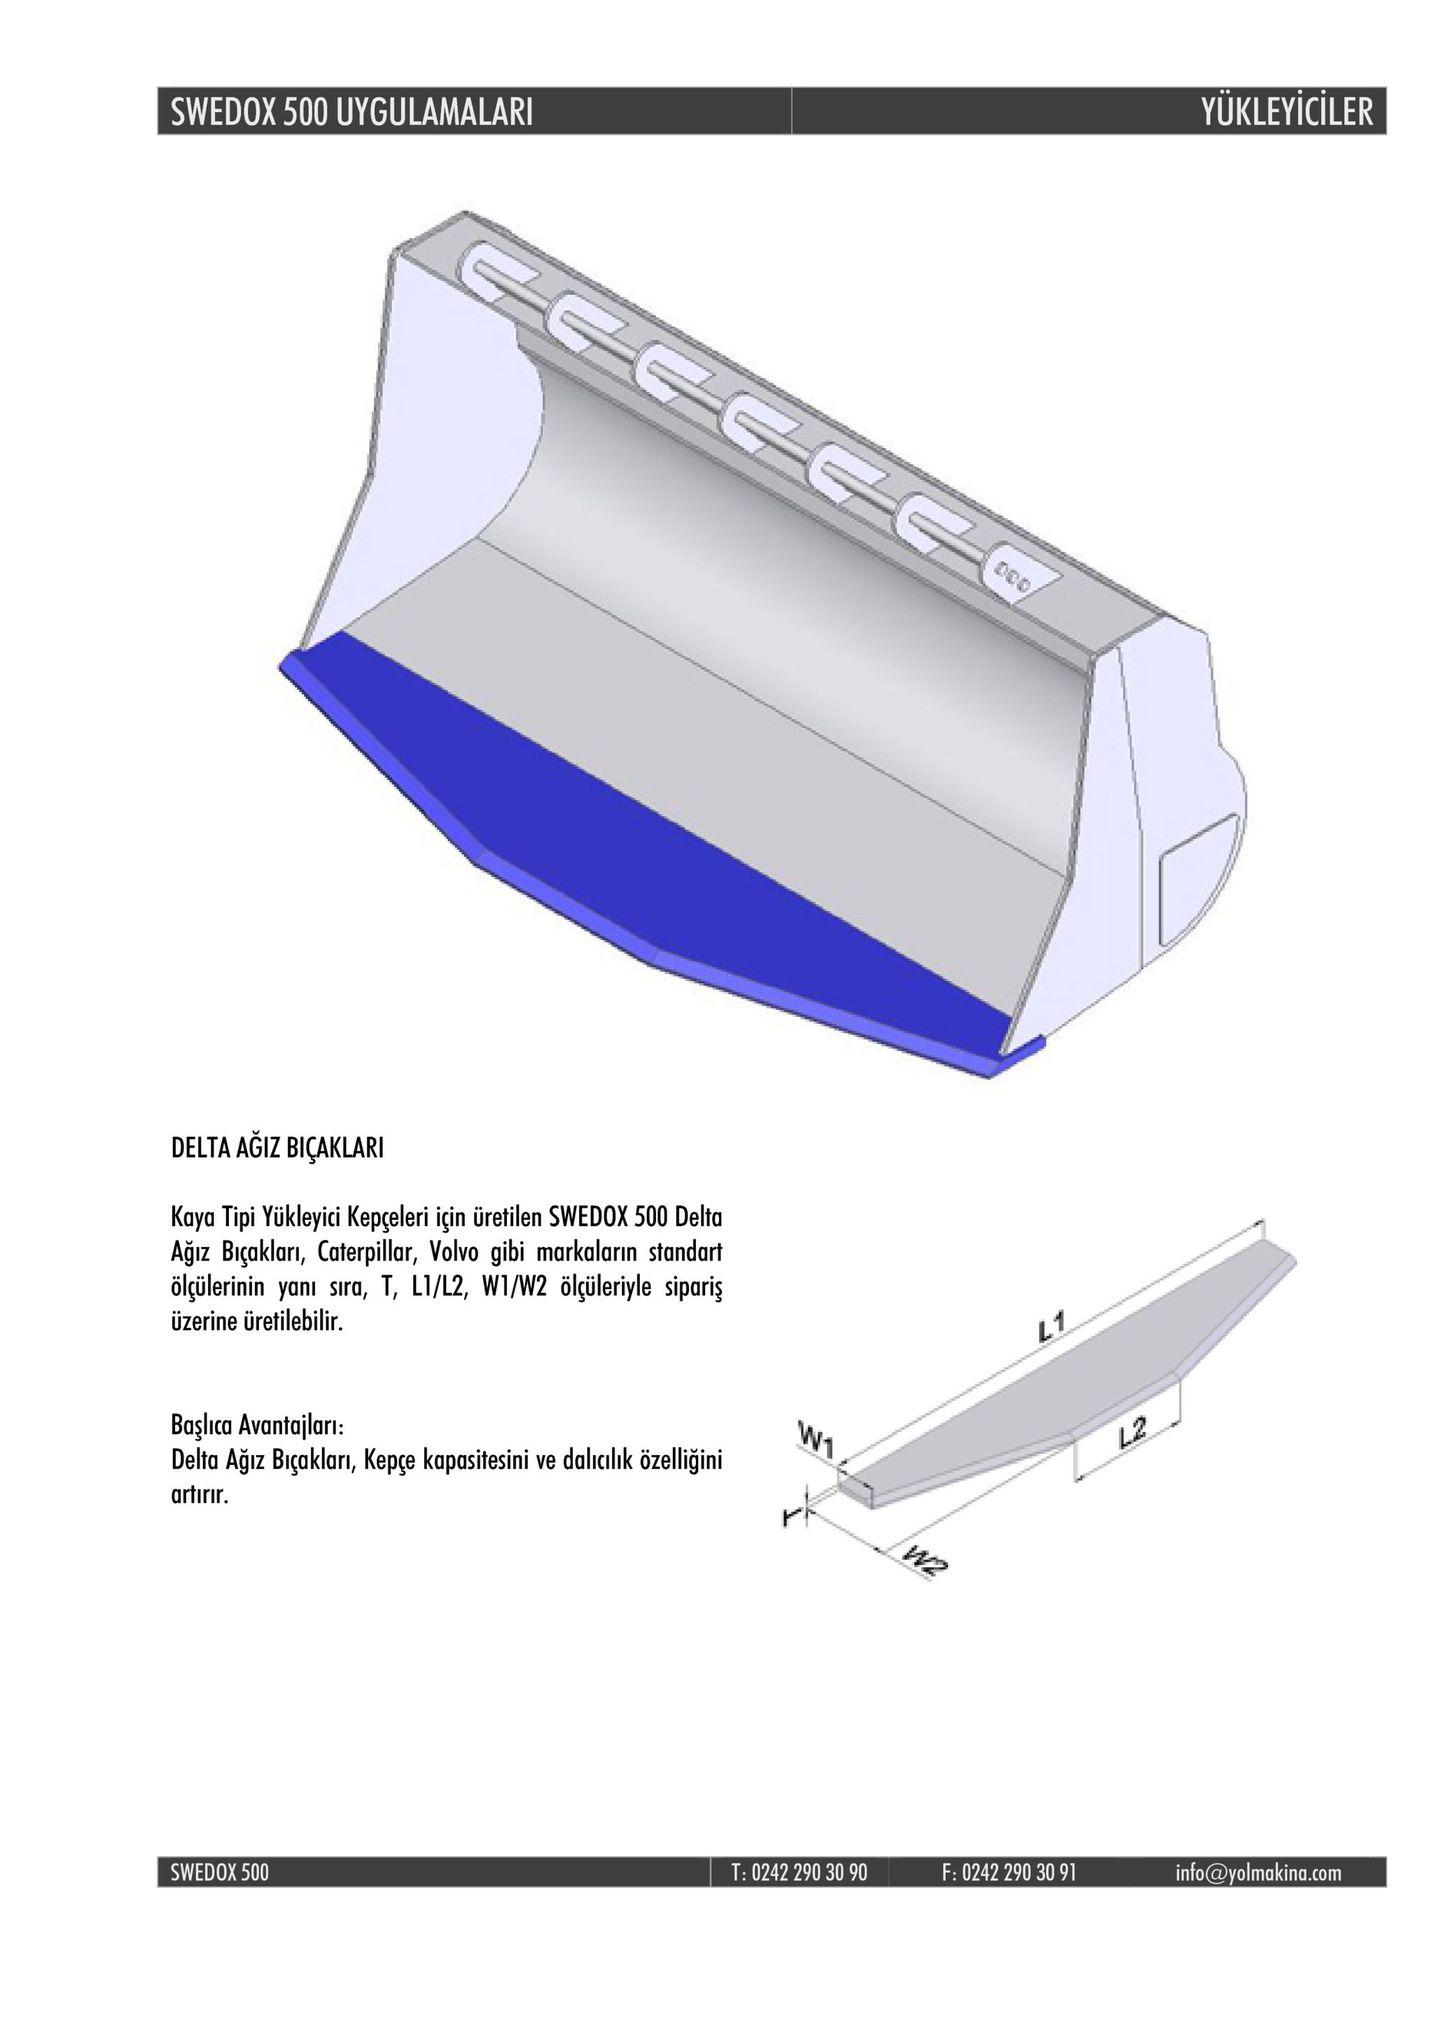 swedox 500 uygulamalar yukleyiciler delta agiz biçaklari kaya tipi yükleyici kepçeleri için üretilen swedox 500 delta agiz biçaklari, caterpillar, volvo gibi markalarin standart ölçülerinin yanı sıra, t, l1/l2, w1/w2 ölçüleriyle sipariş üzerine üretilebilir. başlca avantajları: delta agız biçakları, kepce kapasitesini ve dalıcılık özelliğini artirir. l2 swedox 500 t: 0242 290 30 90 f: 0242 290 30 91 info@yolmakina.com